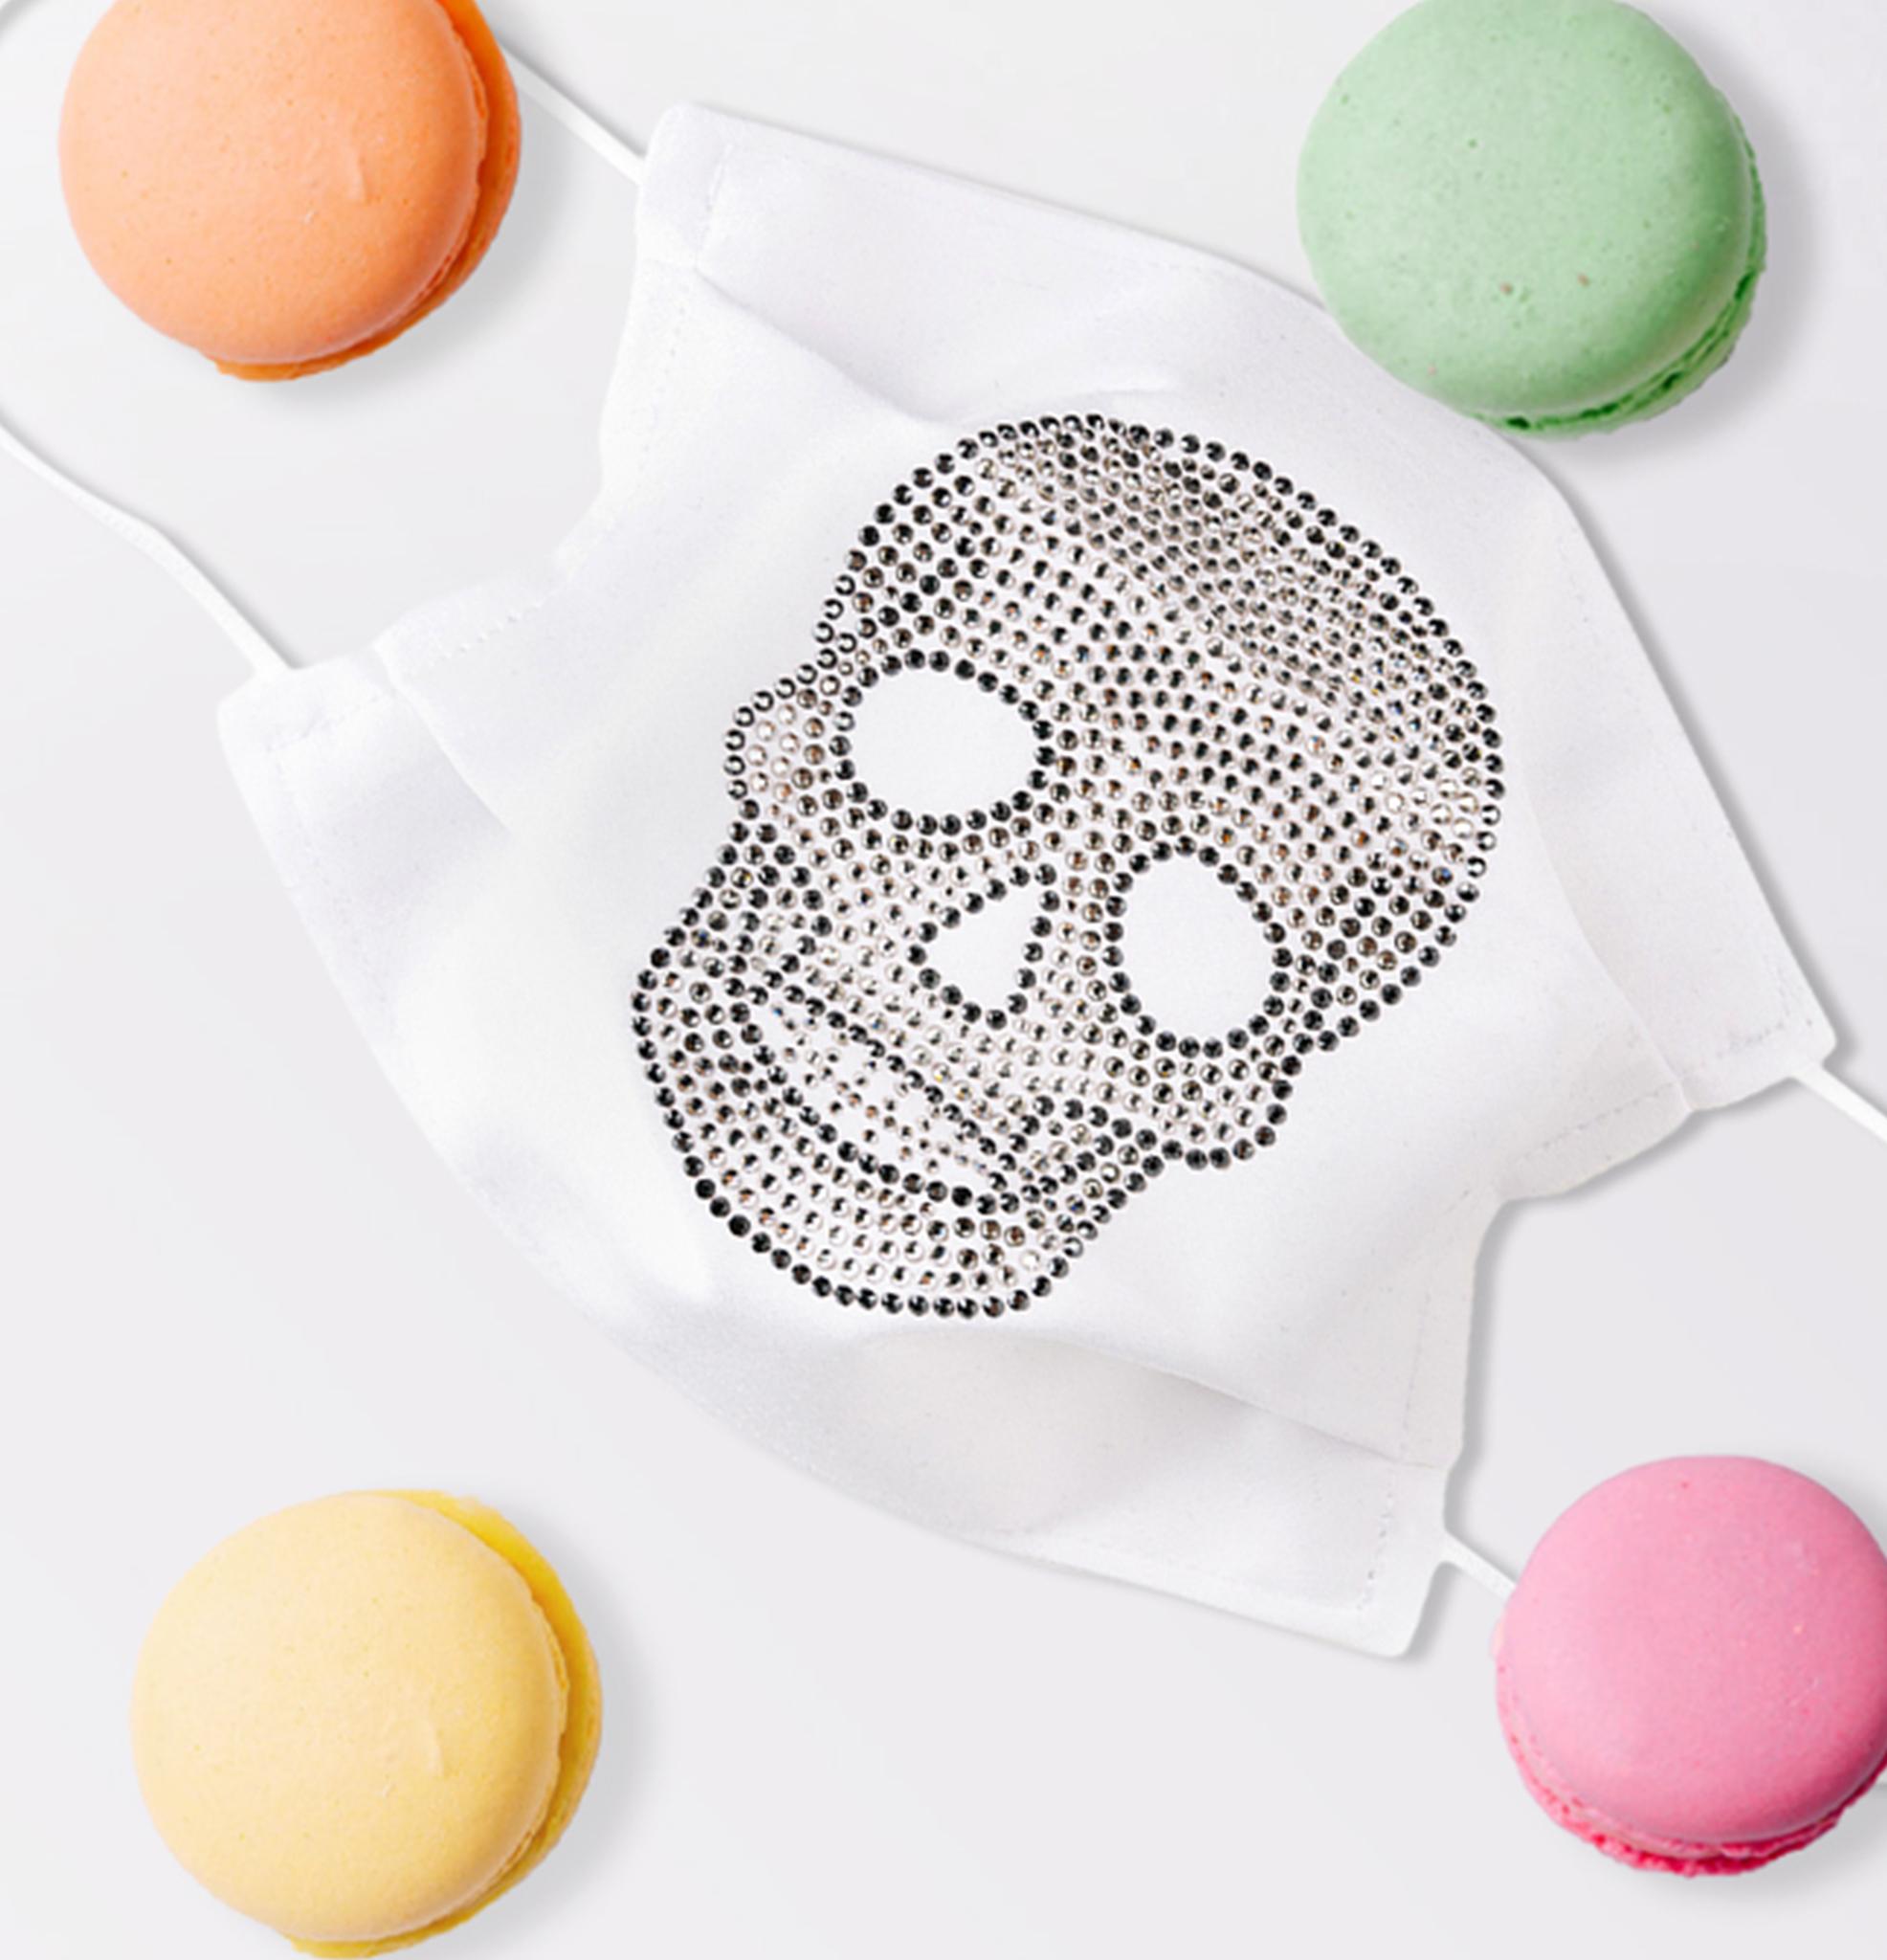 Masques antiprojections fabriqués en France